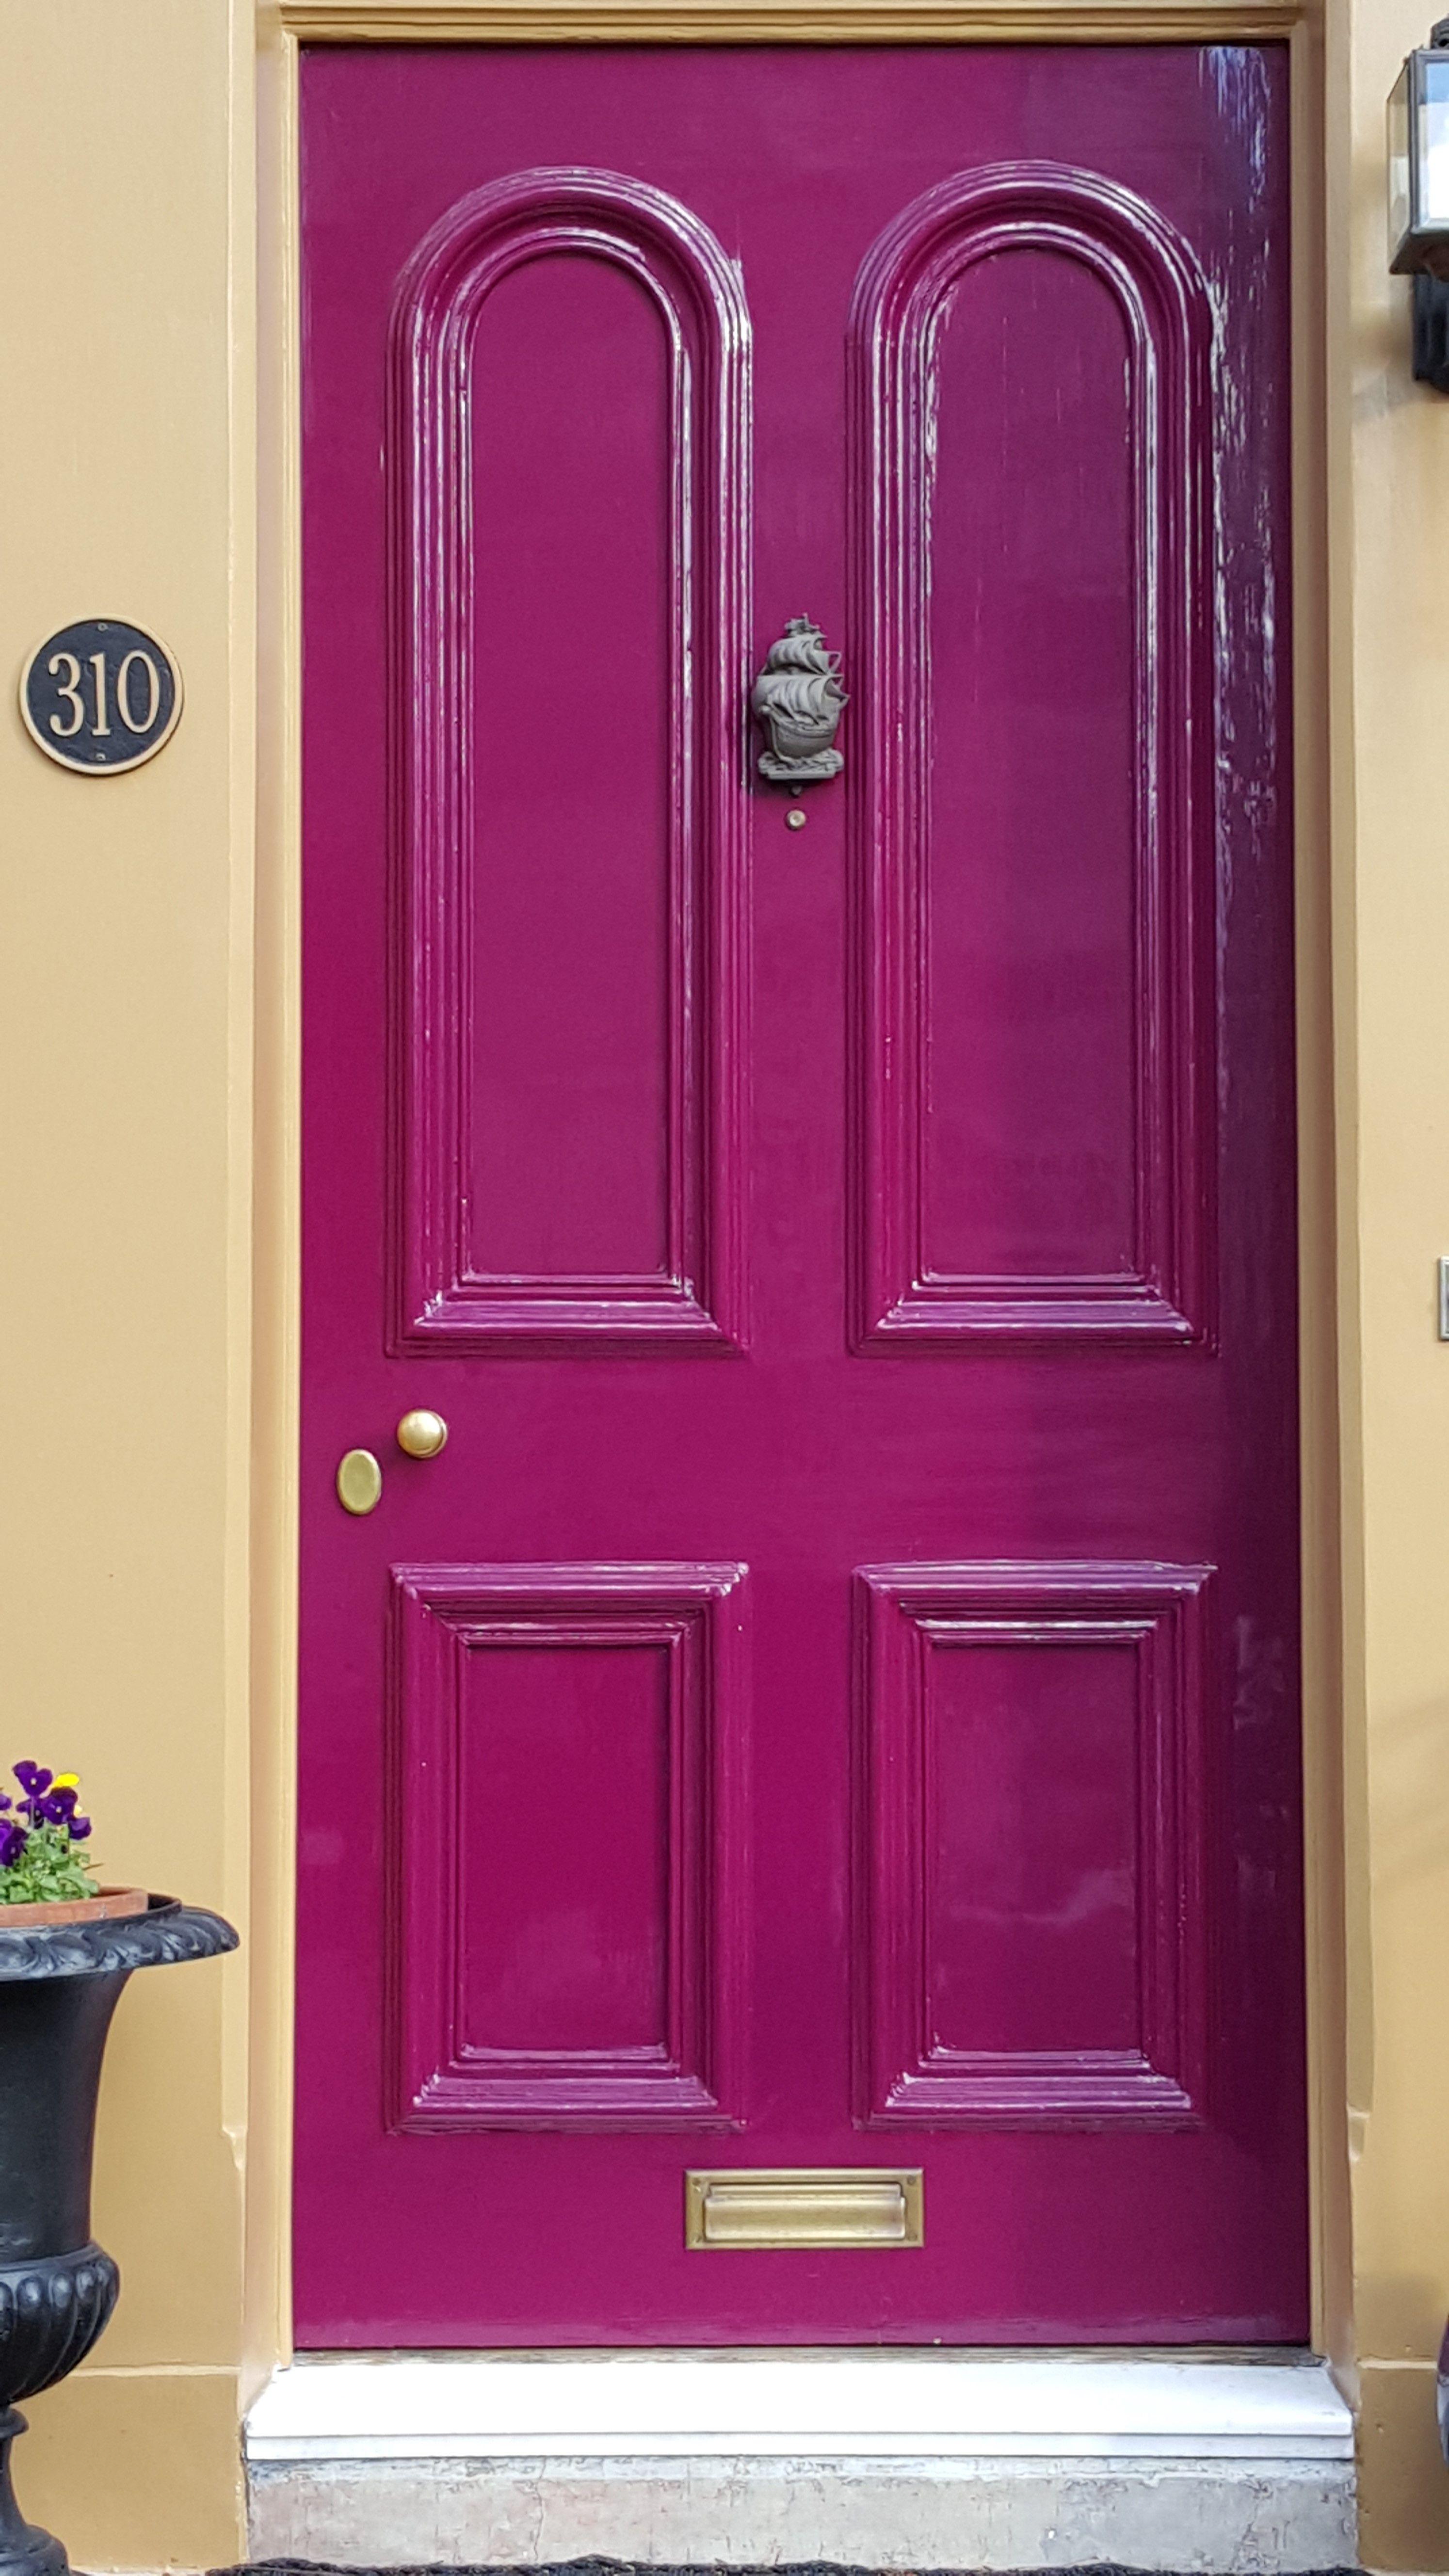 Fine Paints of Europe Hollandlac Brilliant CC0104 (color) | Shut the ...